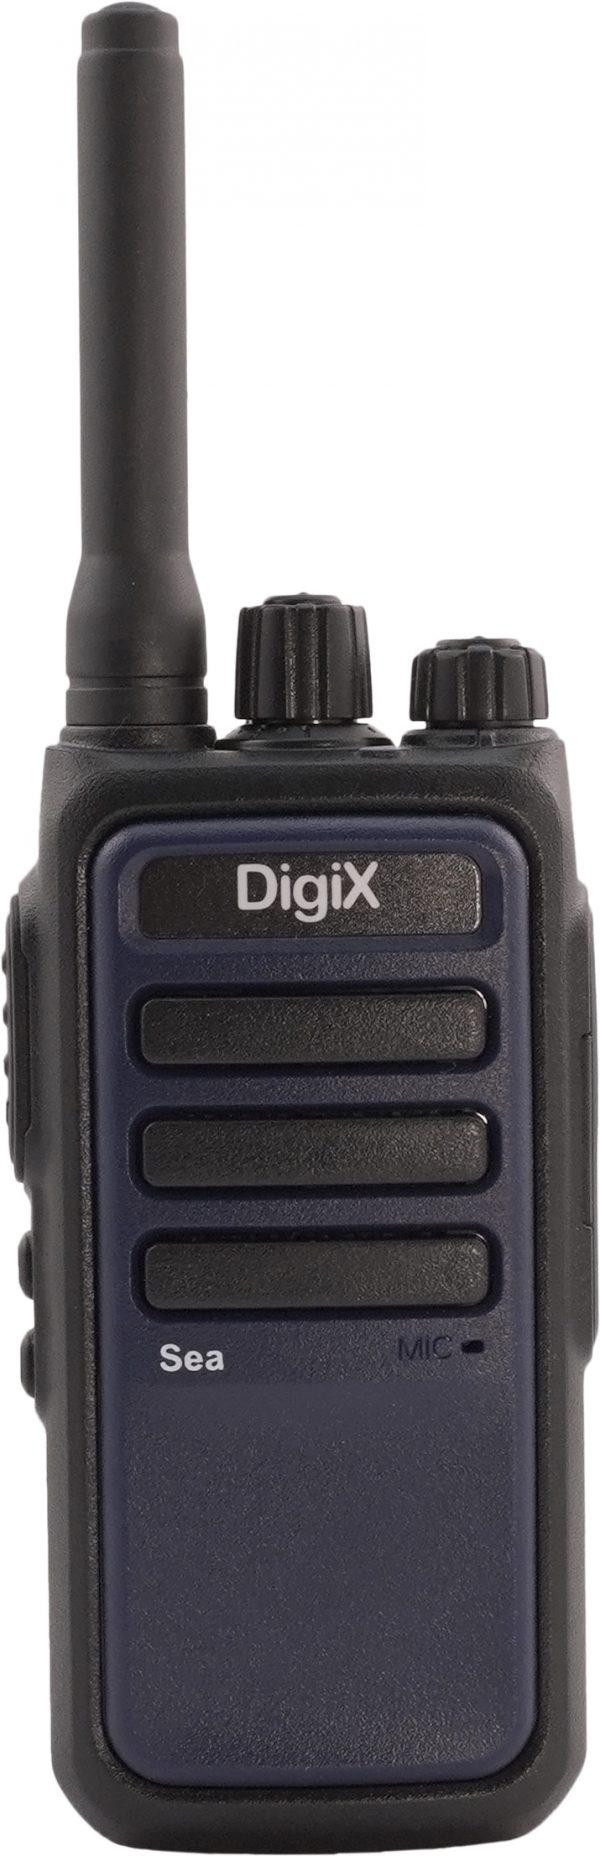 DigiX Sea front 2